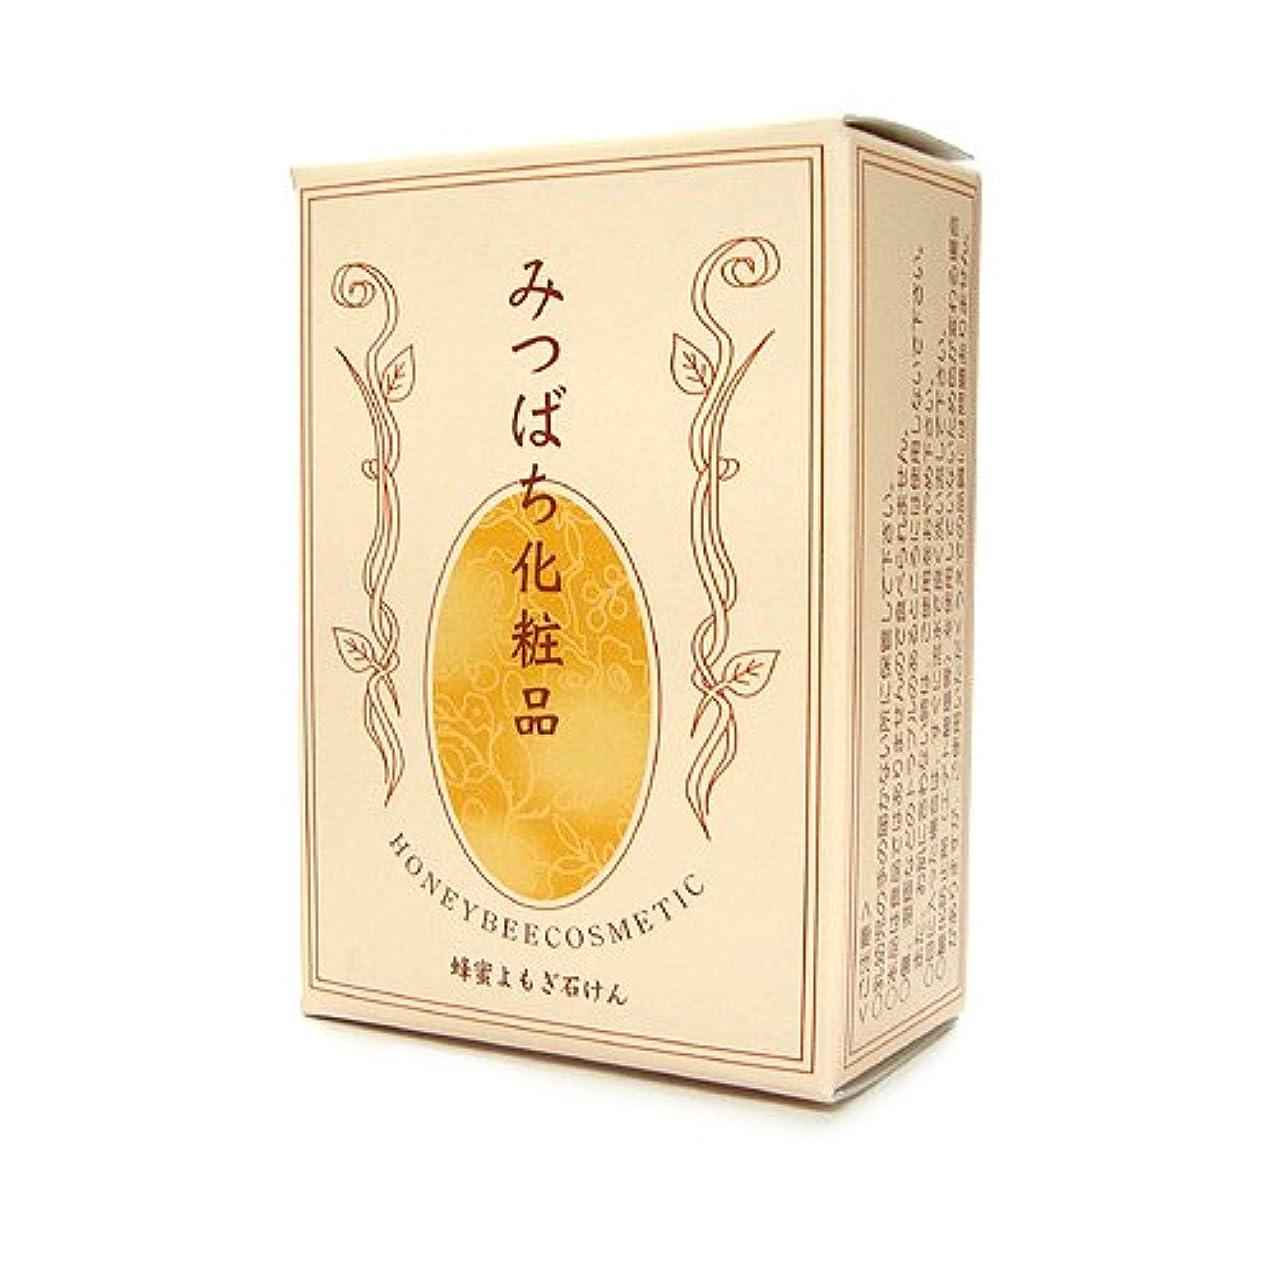 分子ながら量で蜂蜜よもぎ石鹸 100g